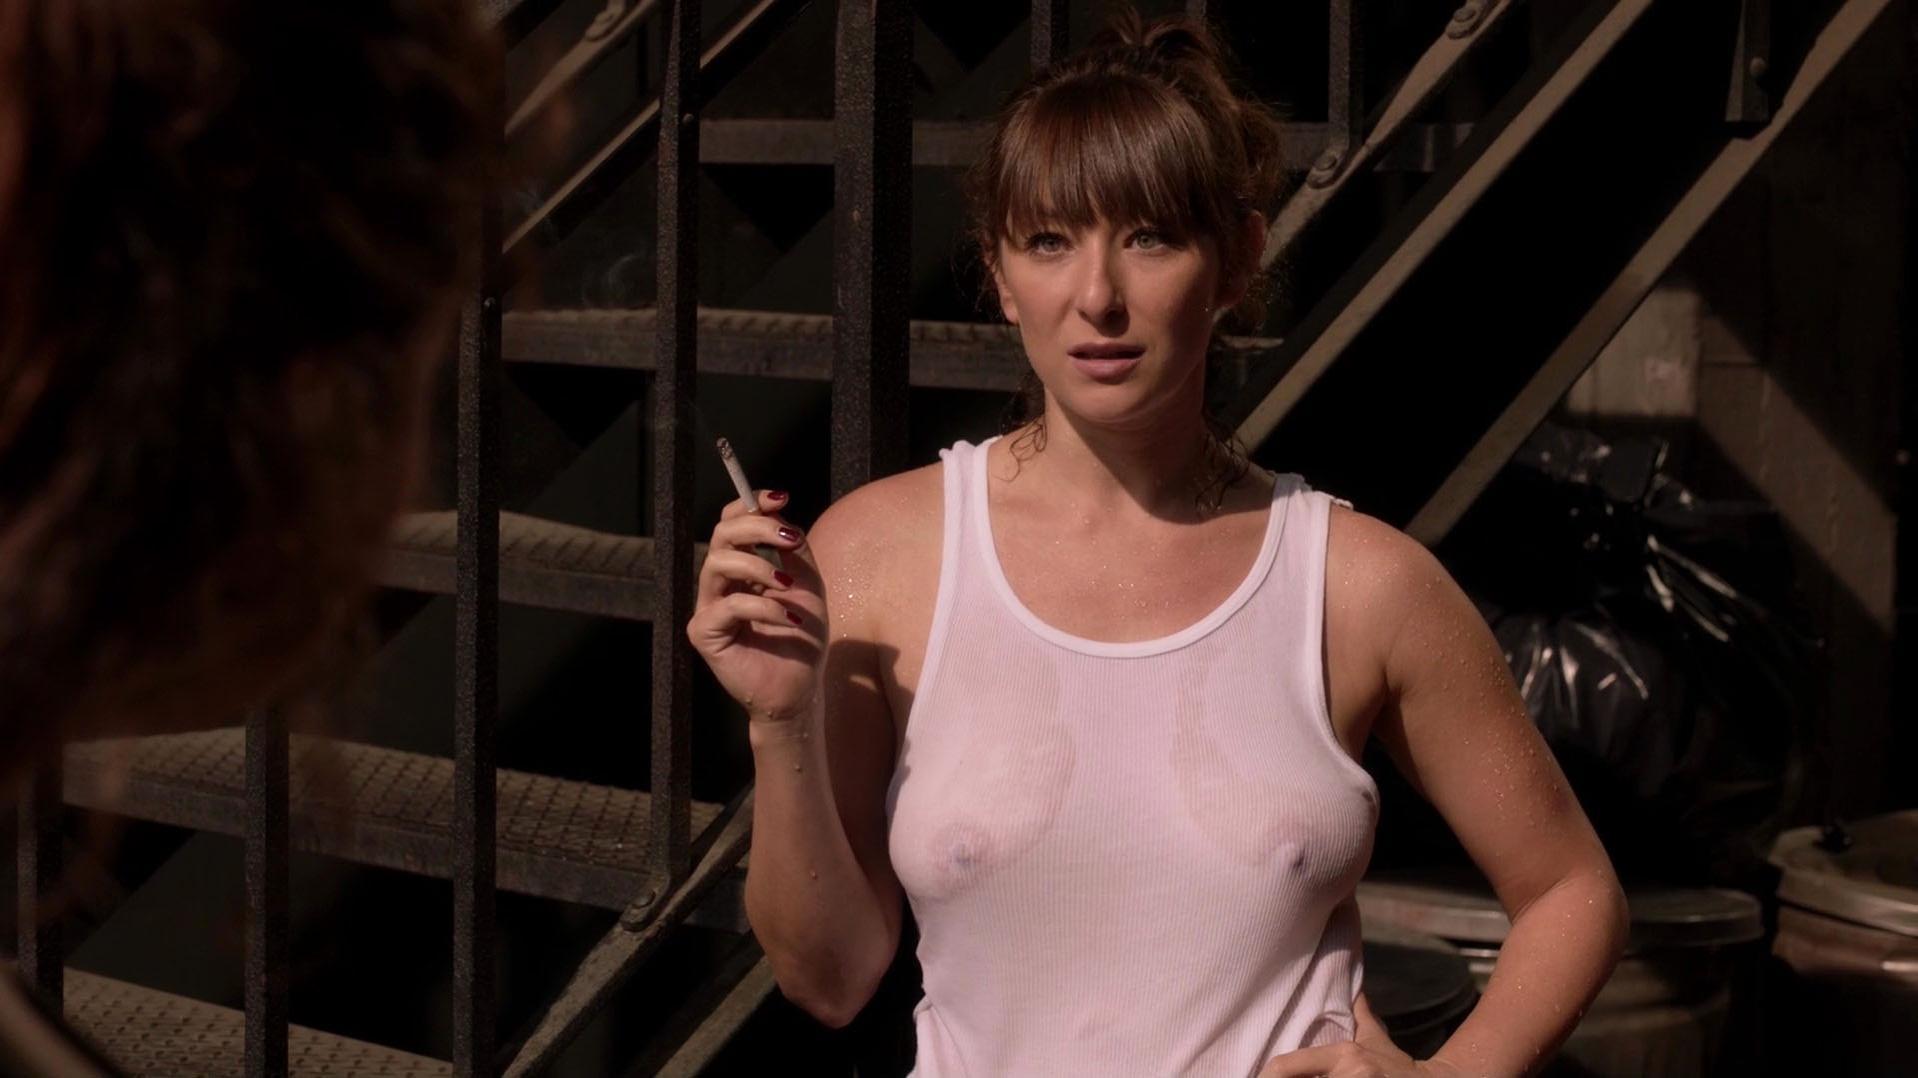 Isidora Goreshter sexy - Shameless s07e04 (2016)